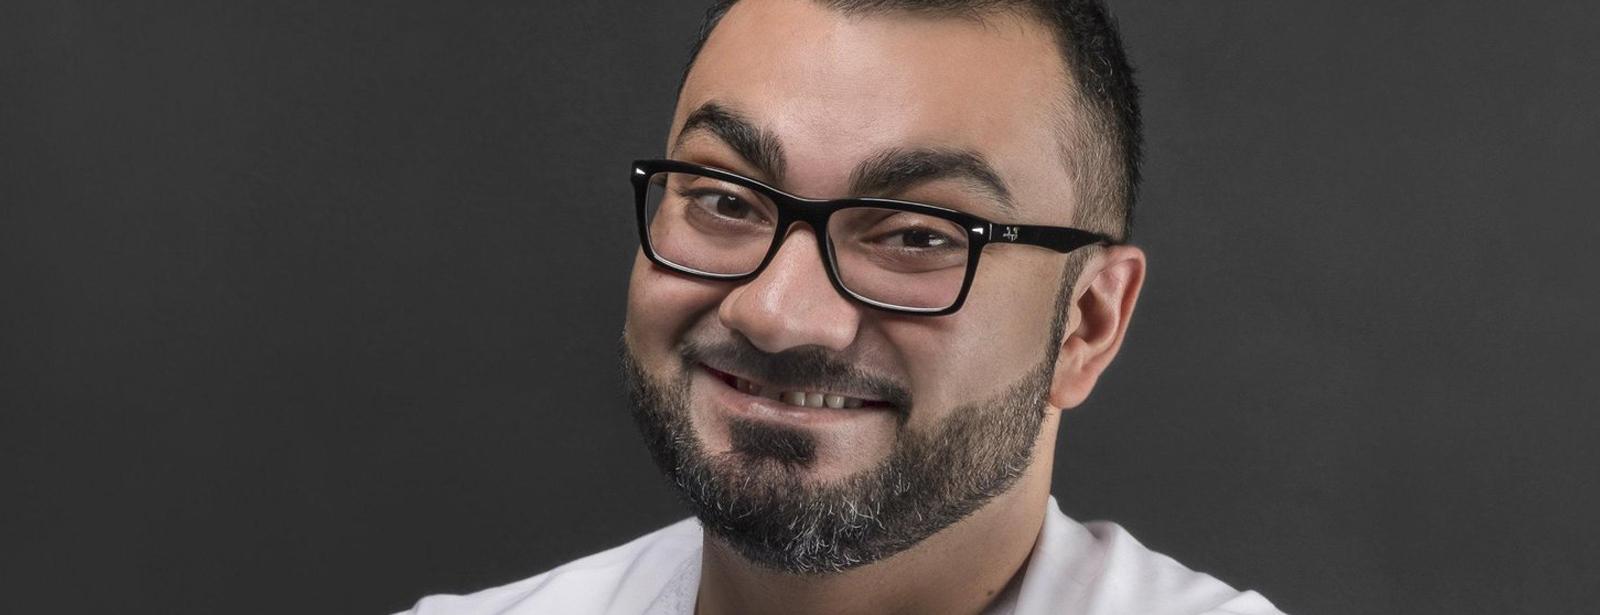 Ali Al Sayed